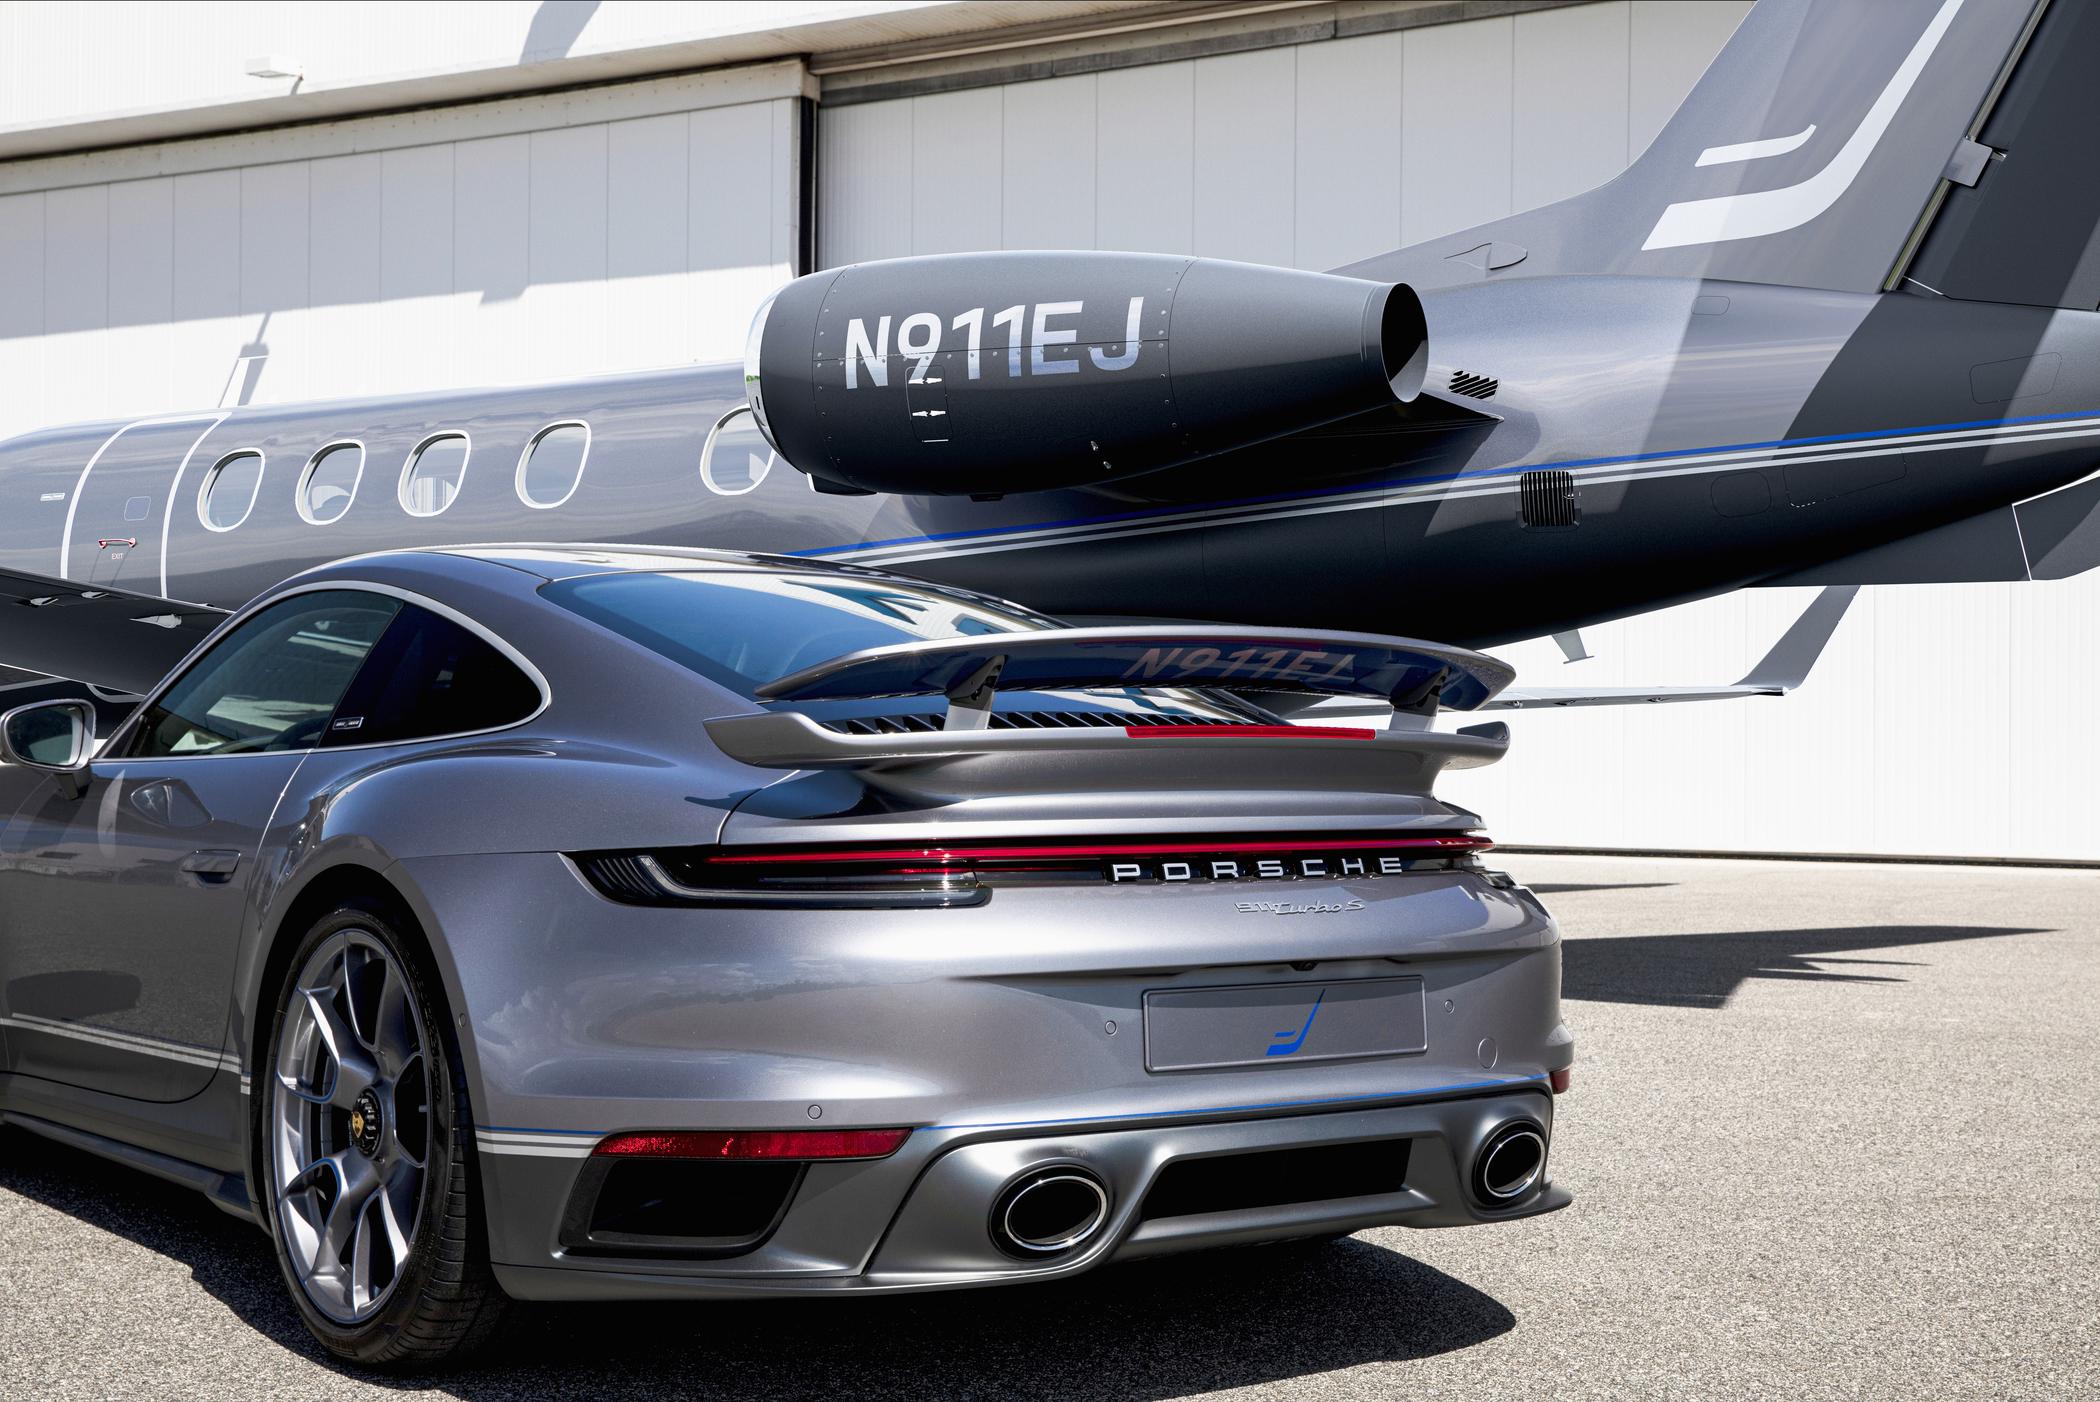 Porsche 911 Turbo S Duet und Embraer Phenom 300E Duet